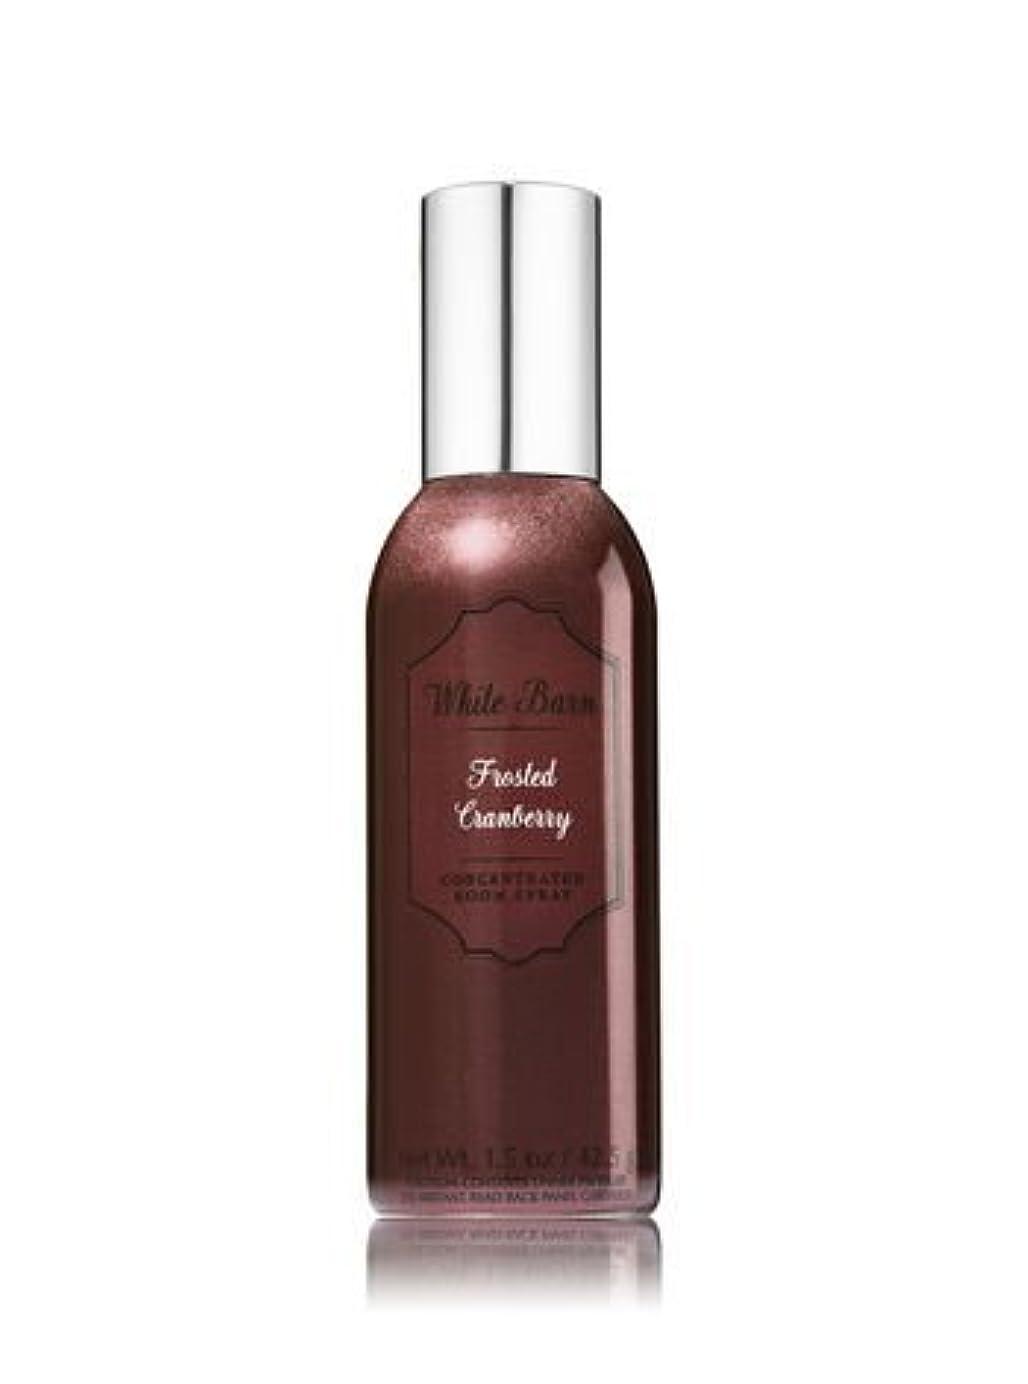 タオル退却受け継ぐ【Bath&Body Works/バス&ボディワークス】 ルームスプレー フロステッドクランベリー 1.5 oz. Concentrated Room Spray/Room Perfume Frosted Cranberry [並行輸入品]